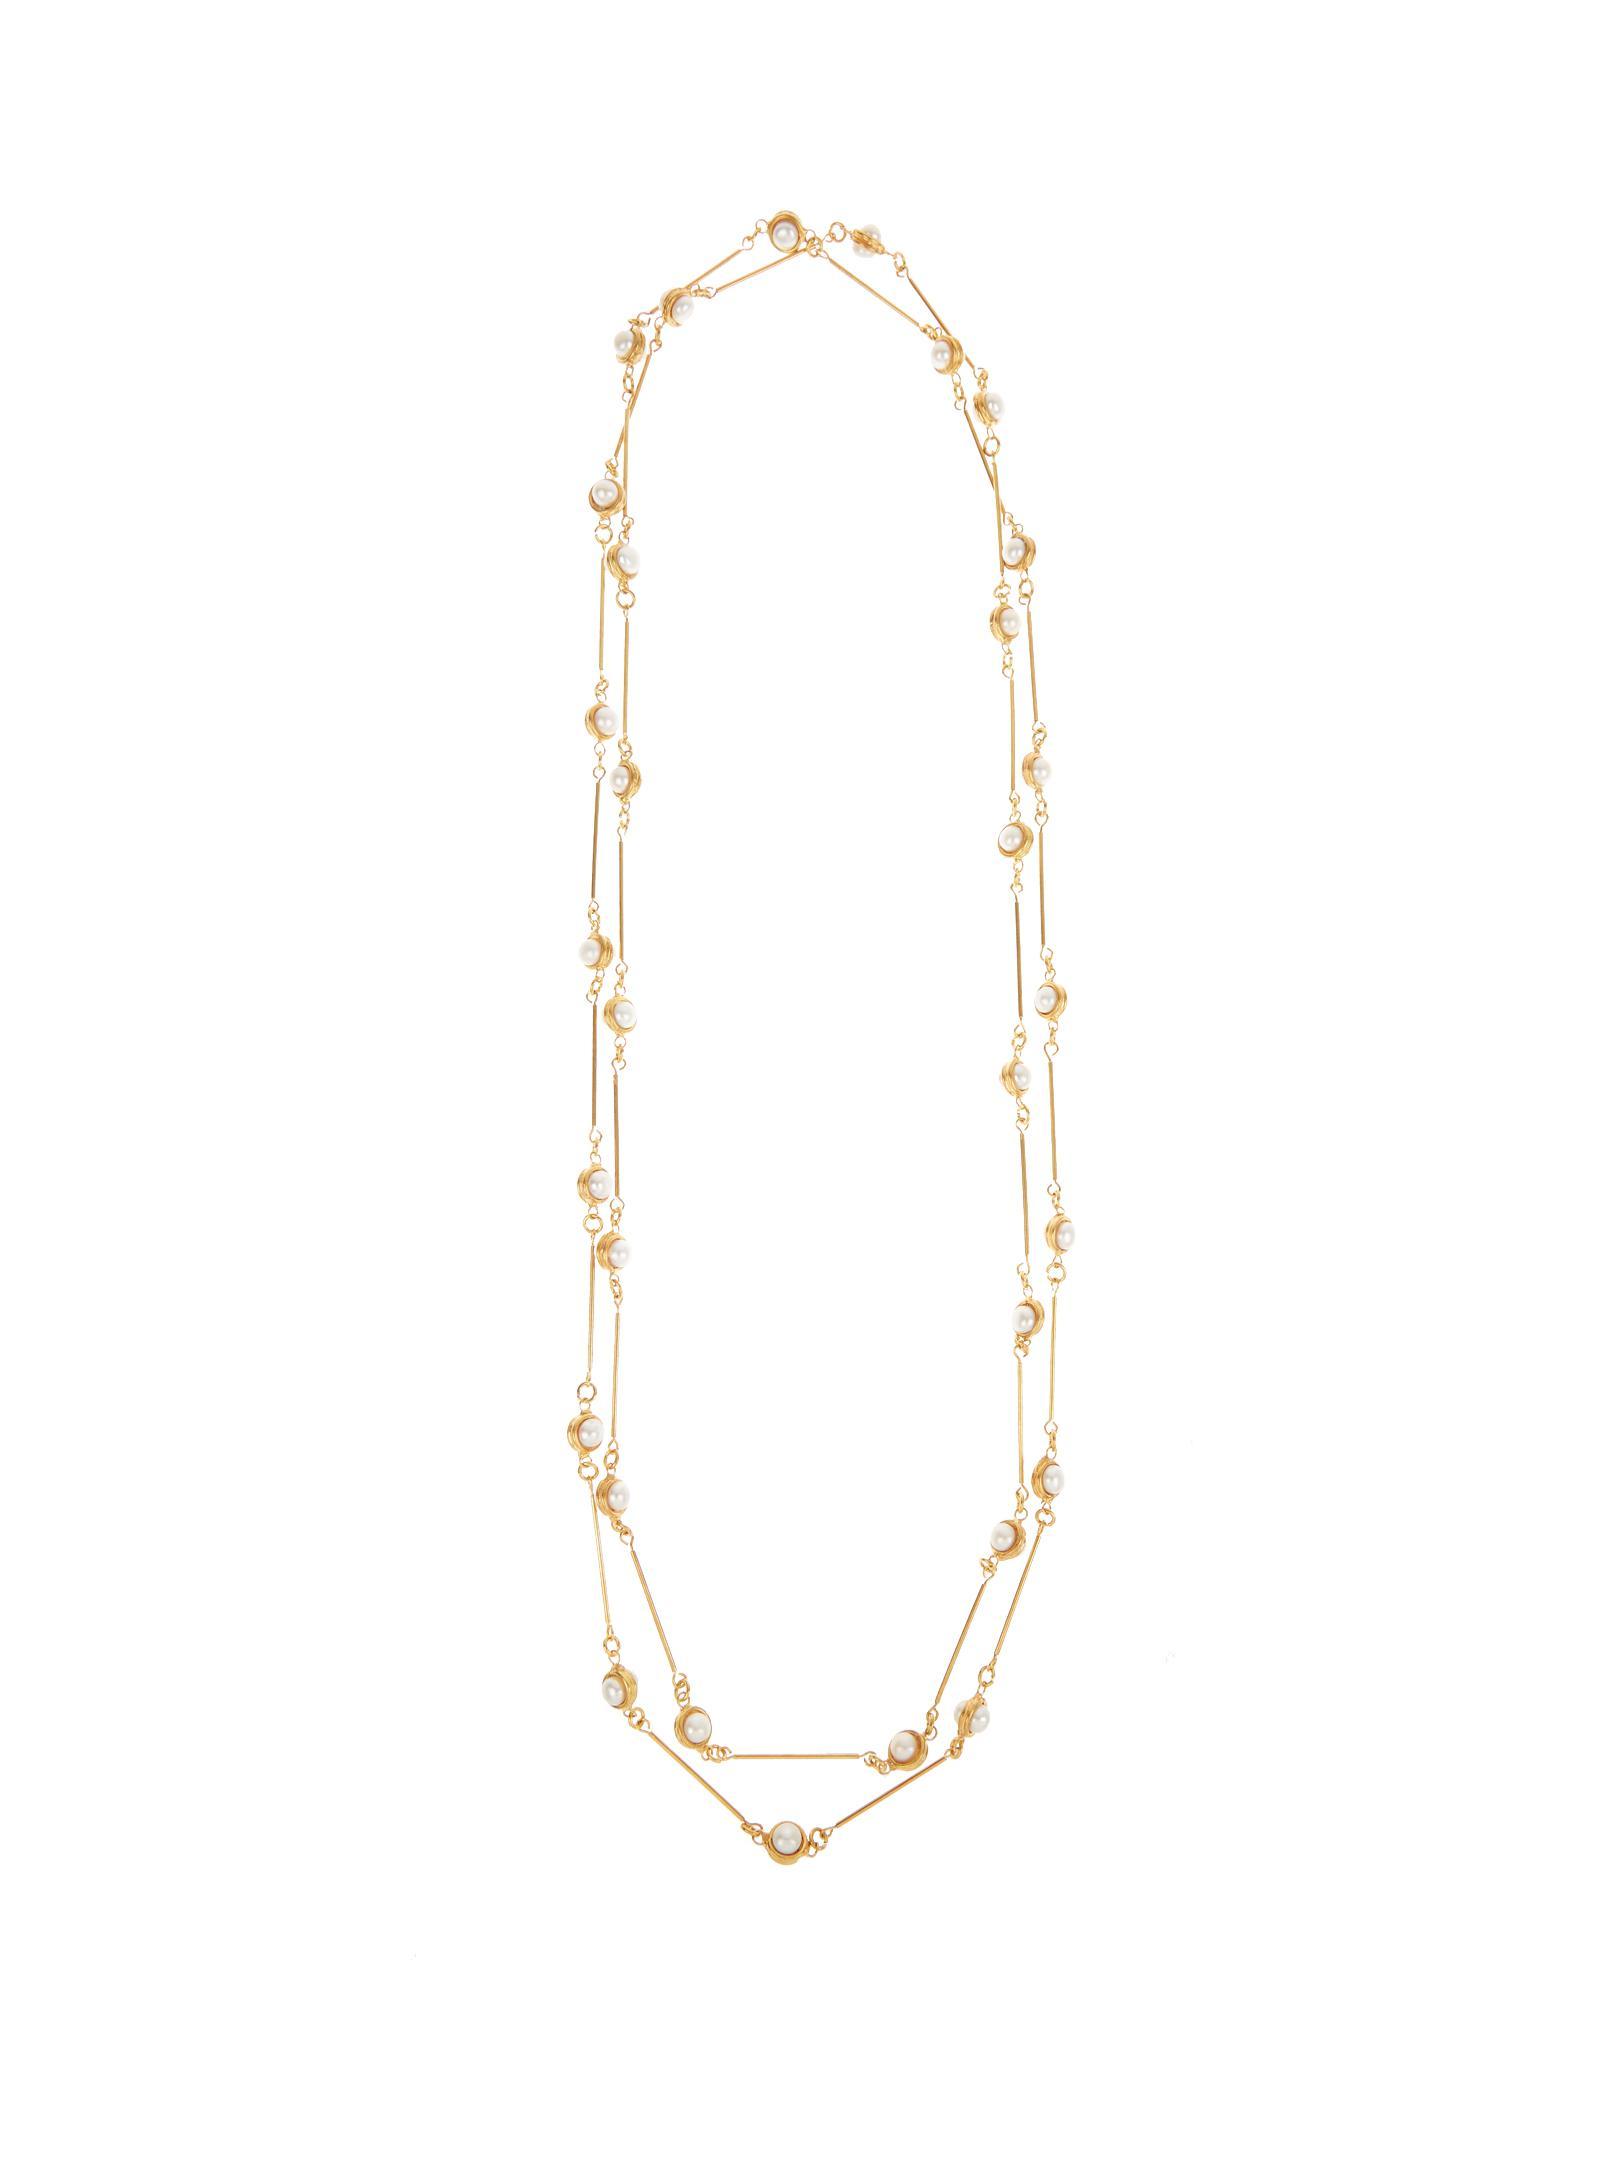 Saturn necklace Sylvia Toledano DuruHaTszT